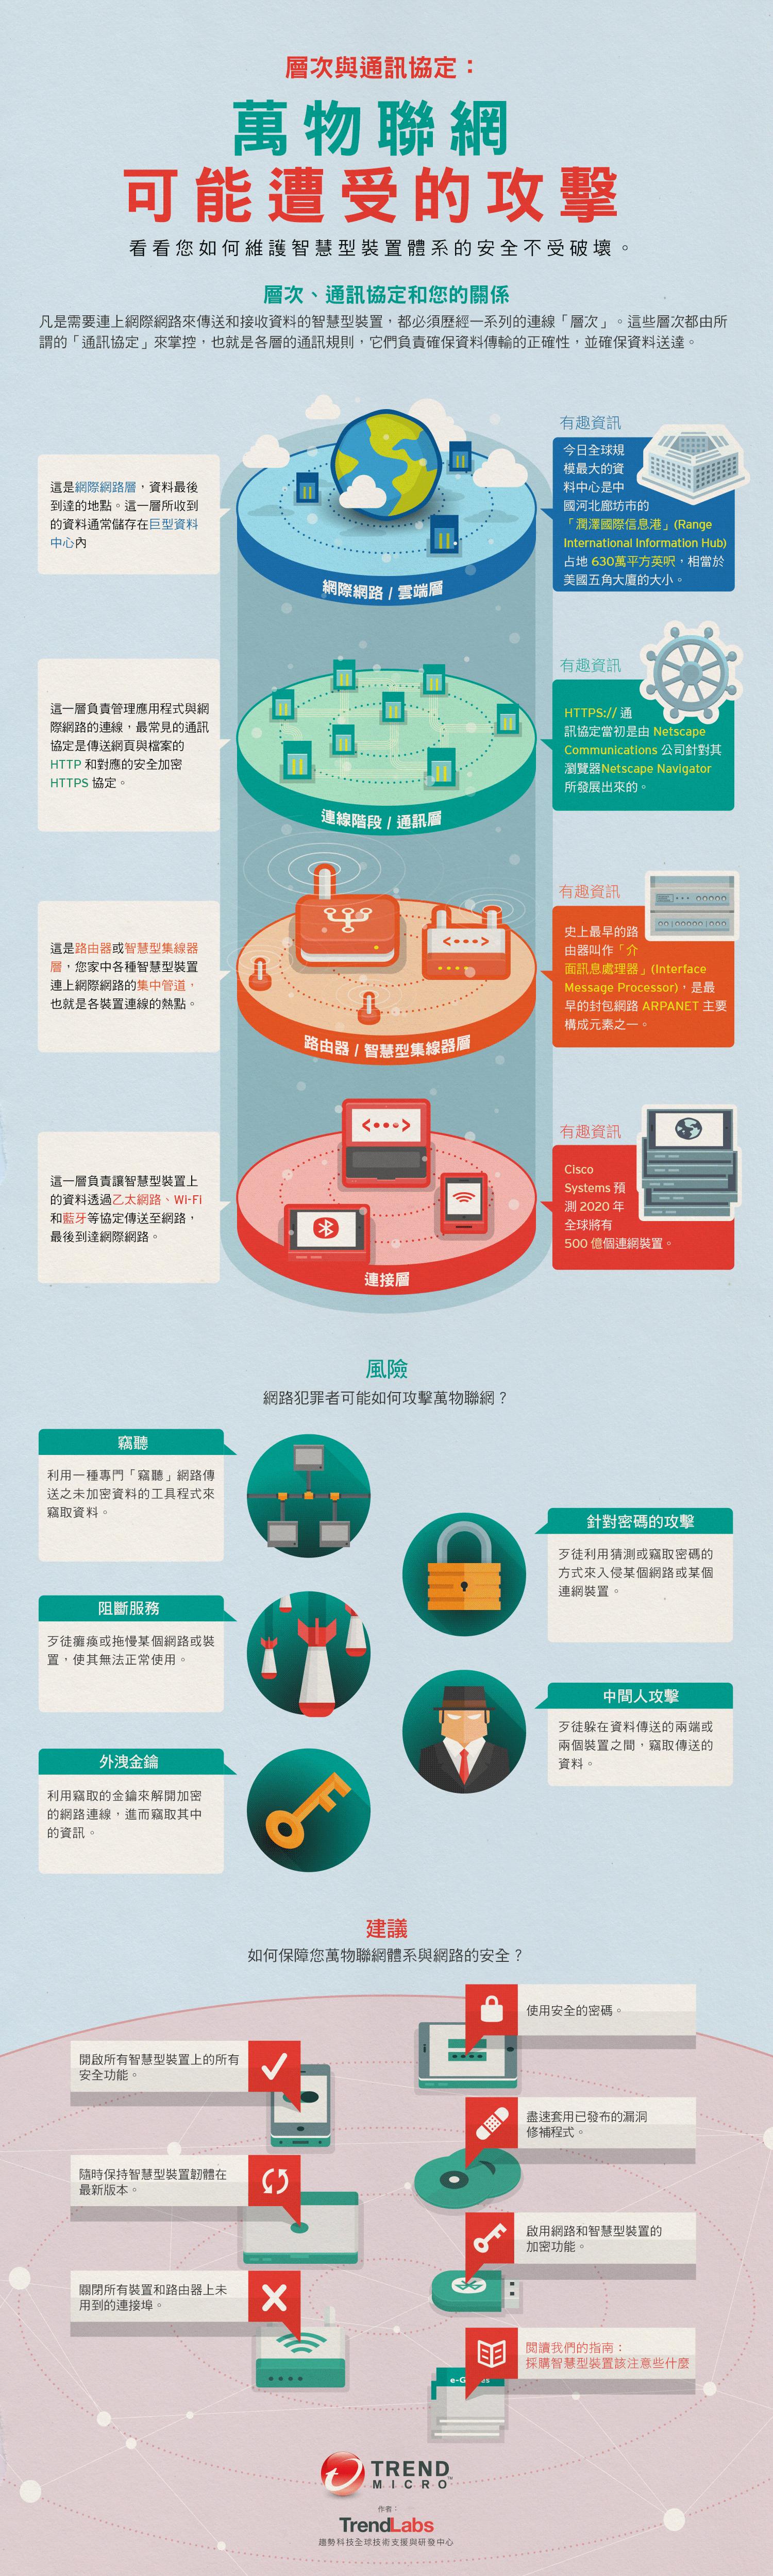 資料圖表 IOE 萬物聯網可能遭受的攻擊 Possible-Attacks-on-IoE-1002